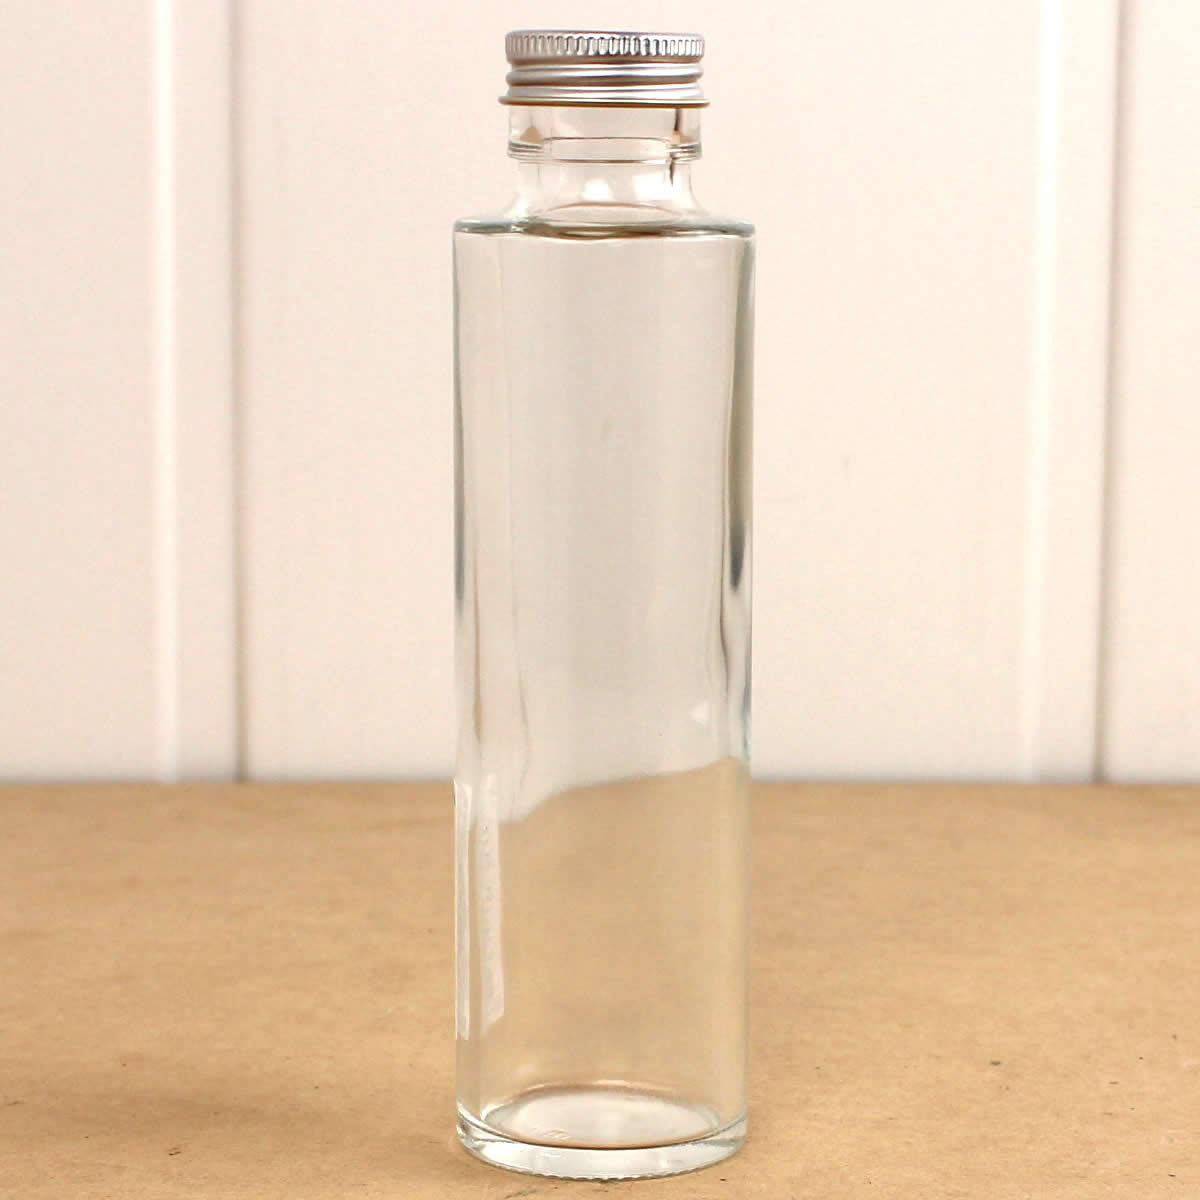 即日★ハーバリウム瓶(丸) 150ml アルミ銀キャップ付【00】《花資材・道具 ハーバリウム材料 ハーバリウム オイル》